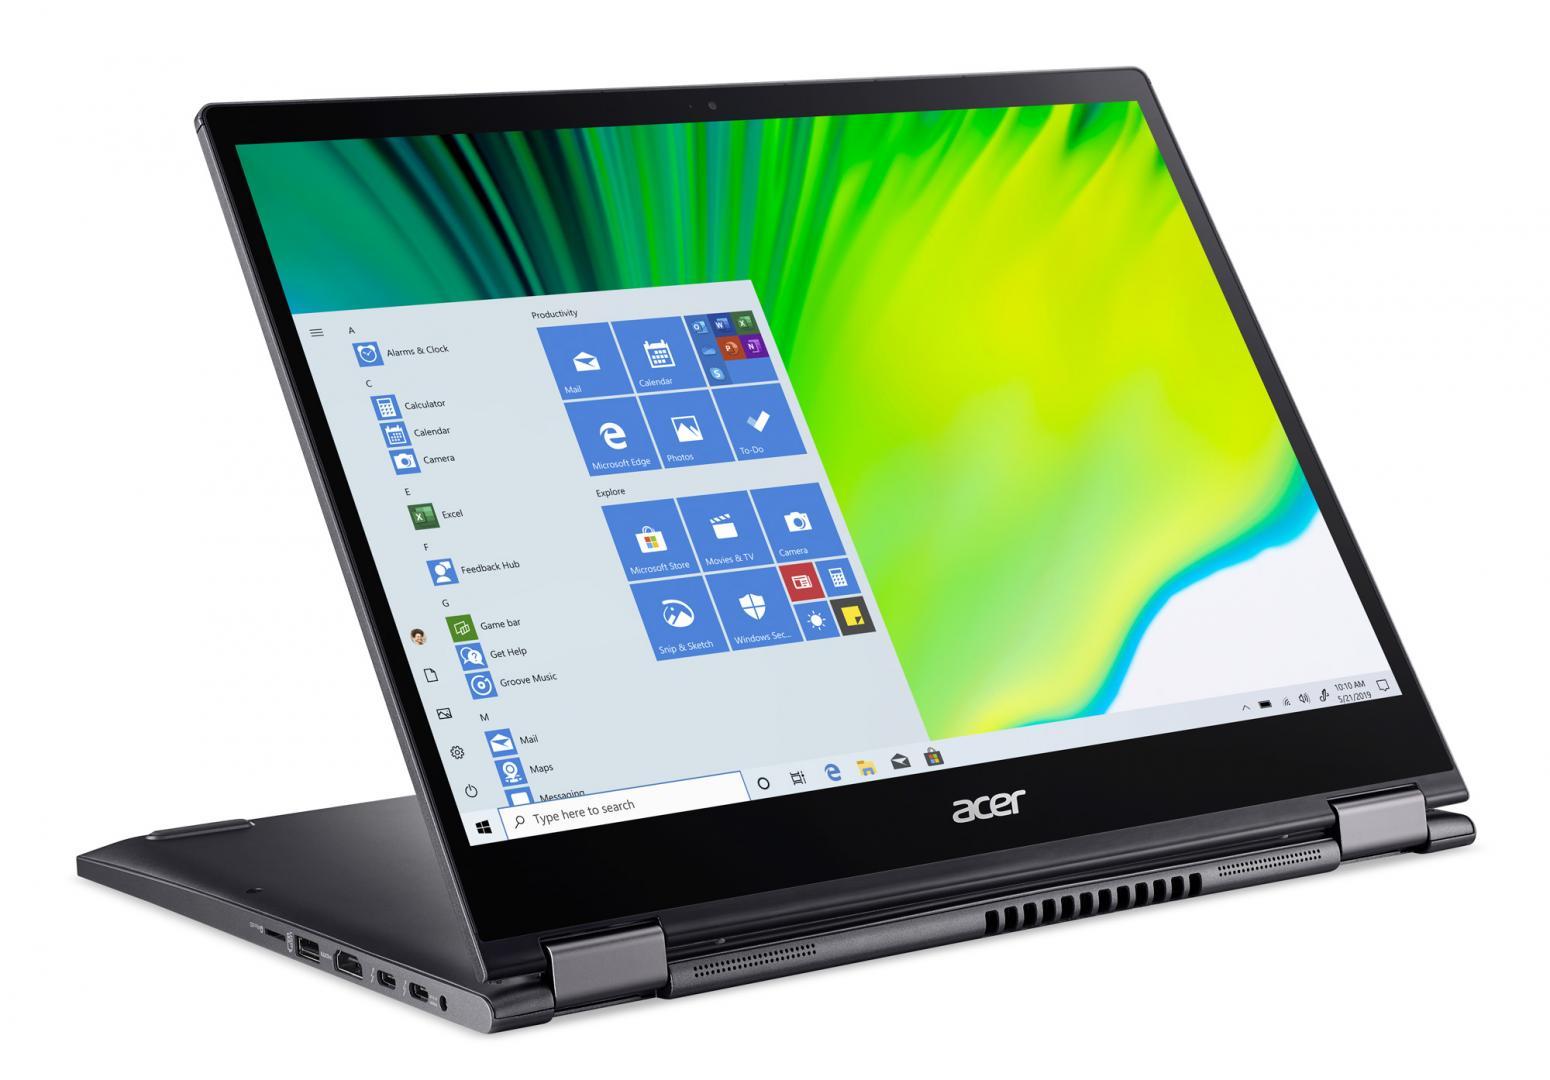 Ordinateur portable Acer Spin 5 SP513-54N-58VU Gris - QHD Tactile, Stylet - photo 2